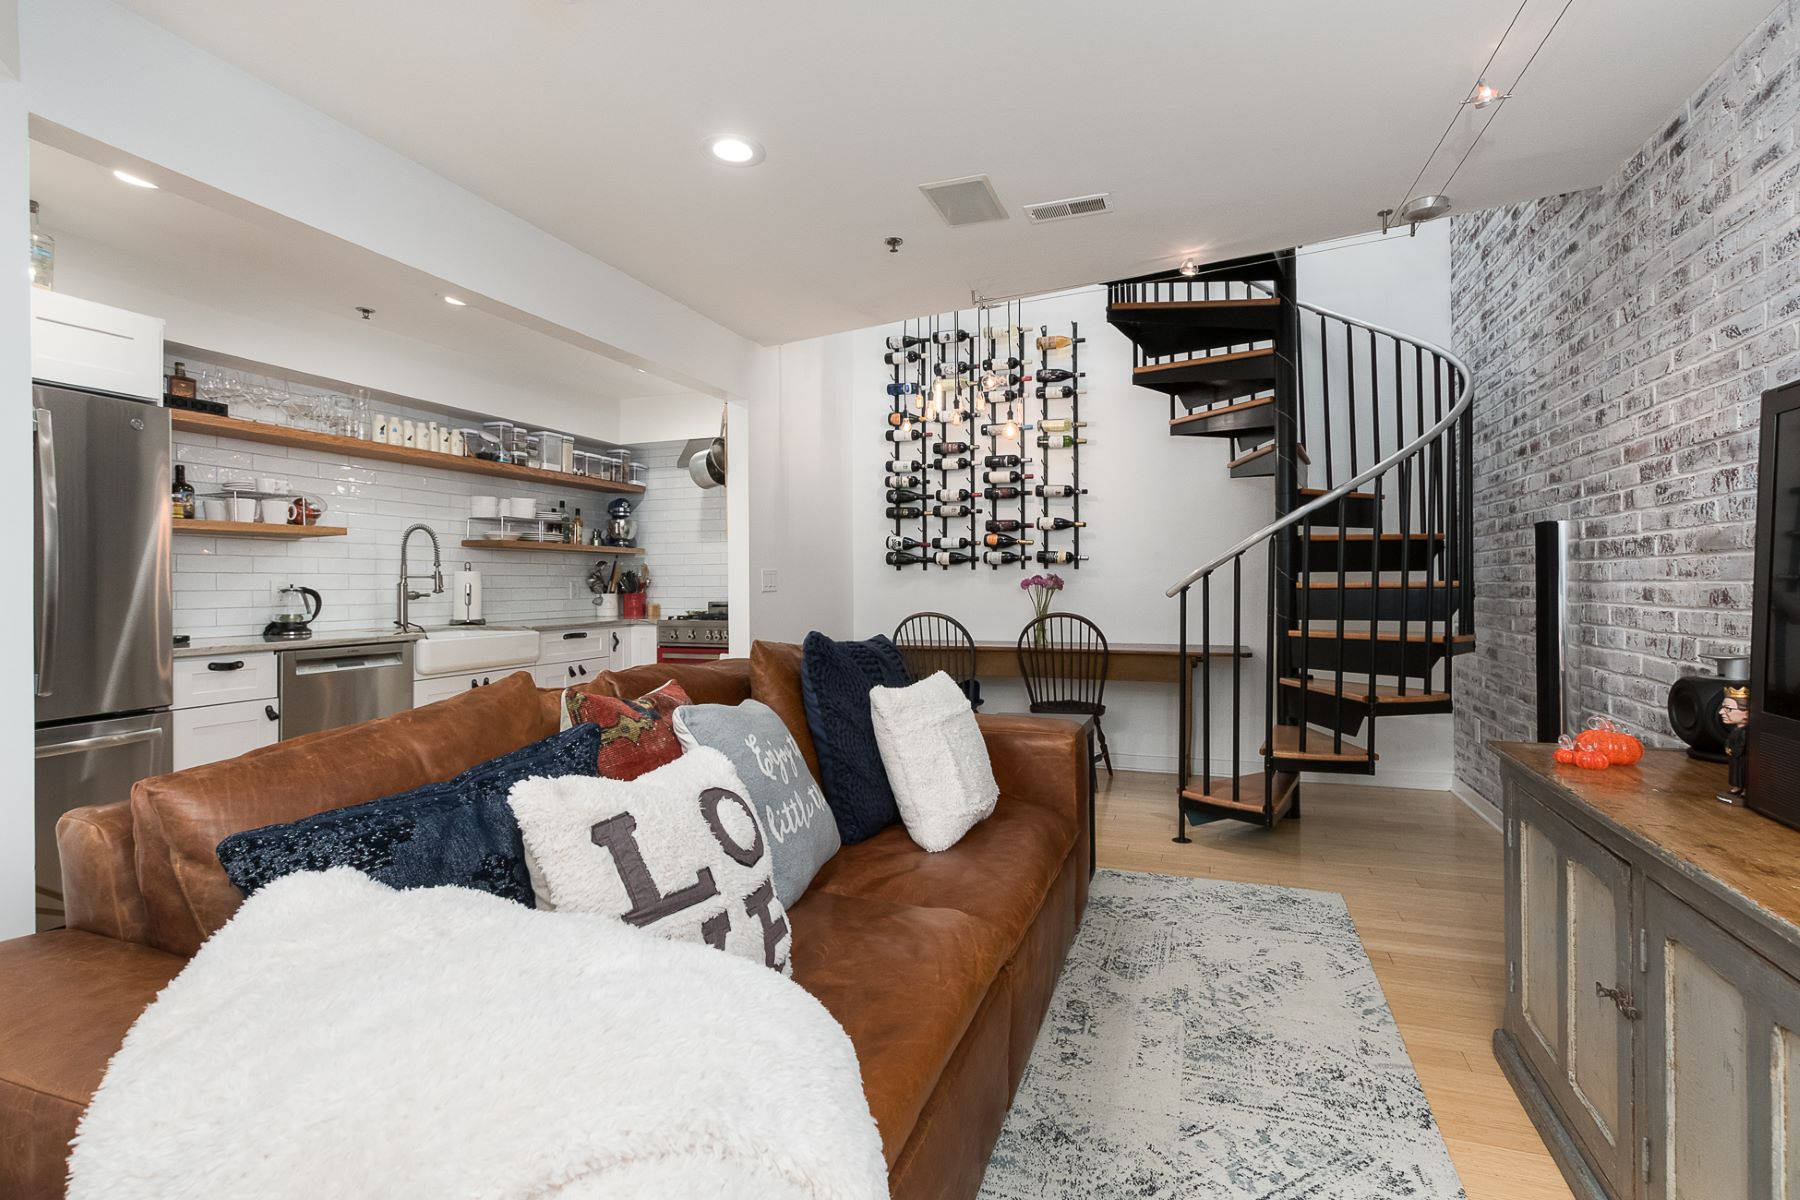 Loft-Style Luxury in a Premier, In-Town Location 36 Moore Street, Unit 15, Princeton, New Jersey 08542 Amerika Birleşik Devletleri